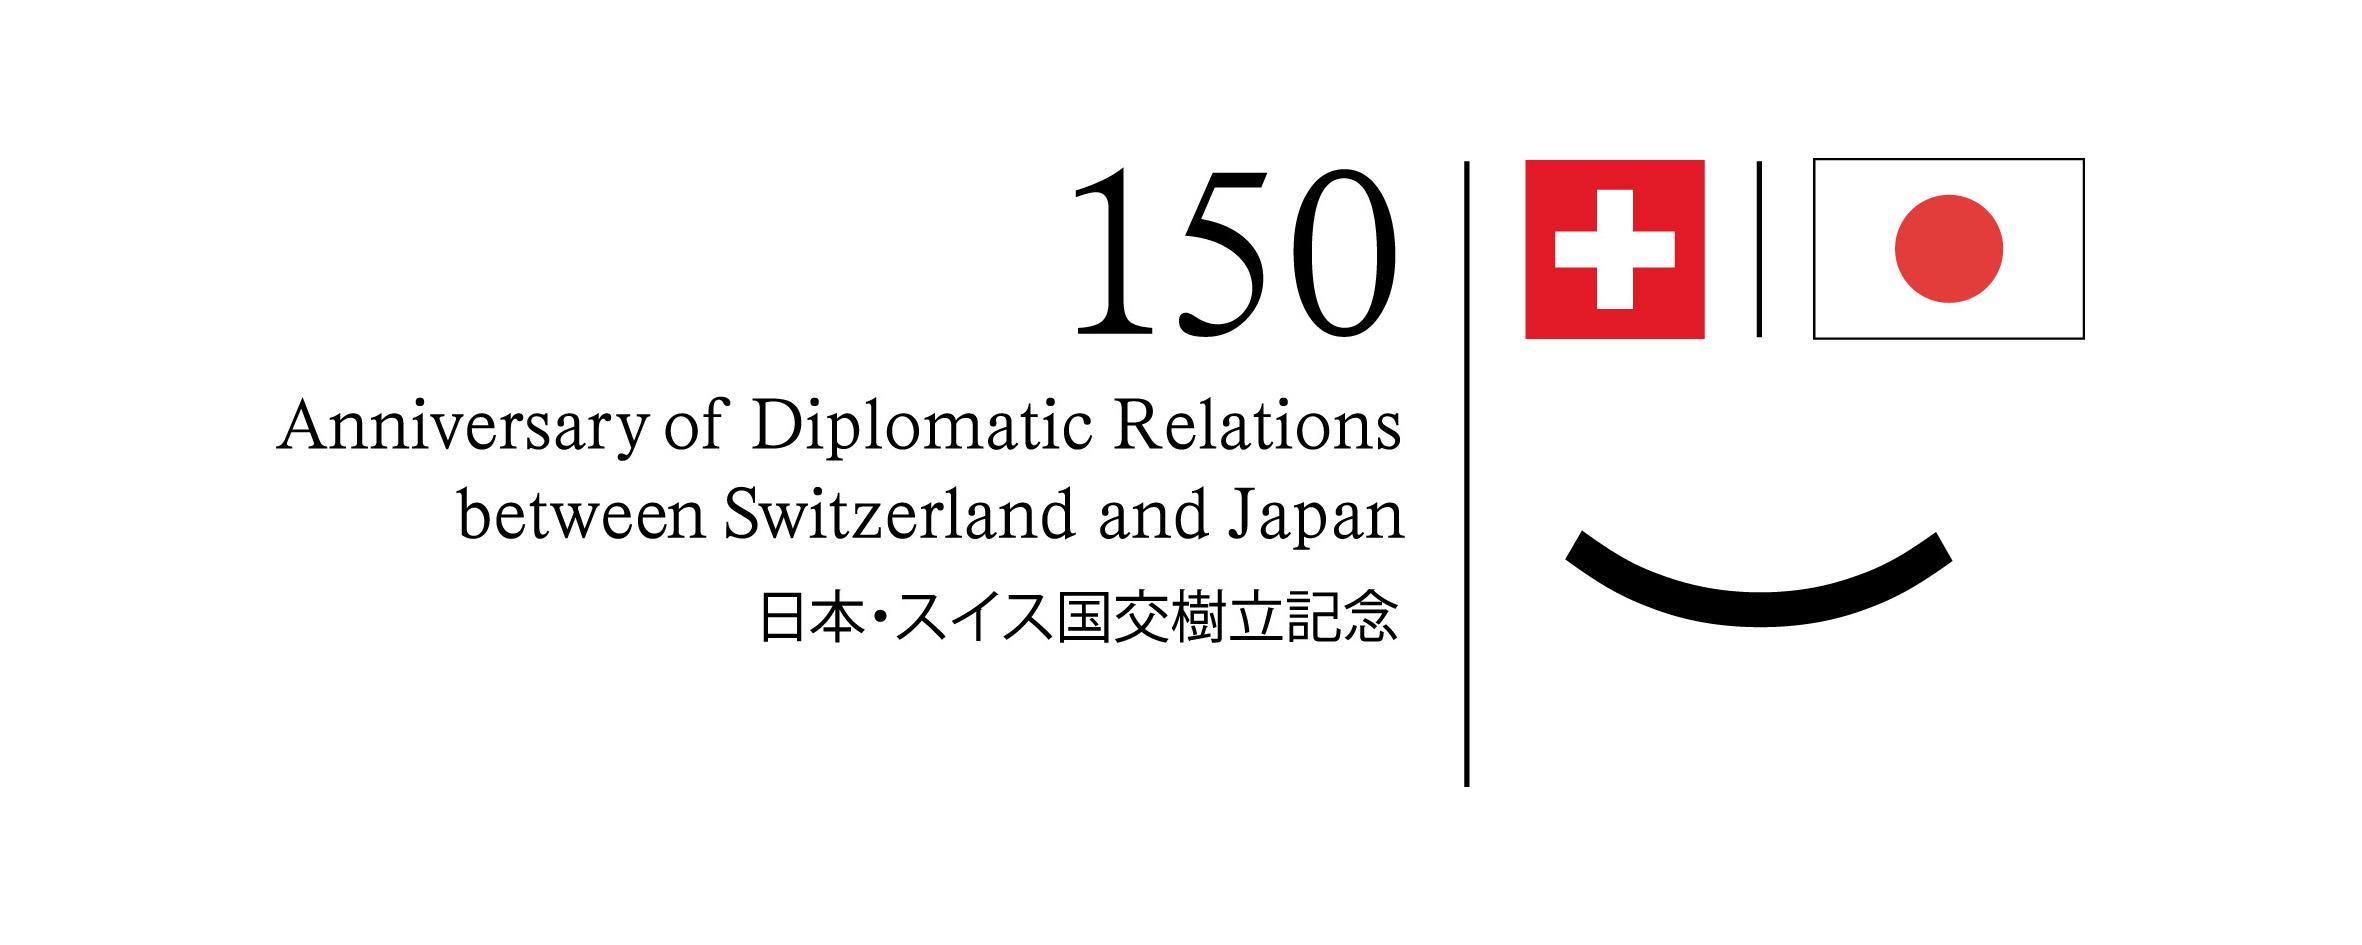 日本・スイス国交樹立150 周年記念ロゴ英語語